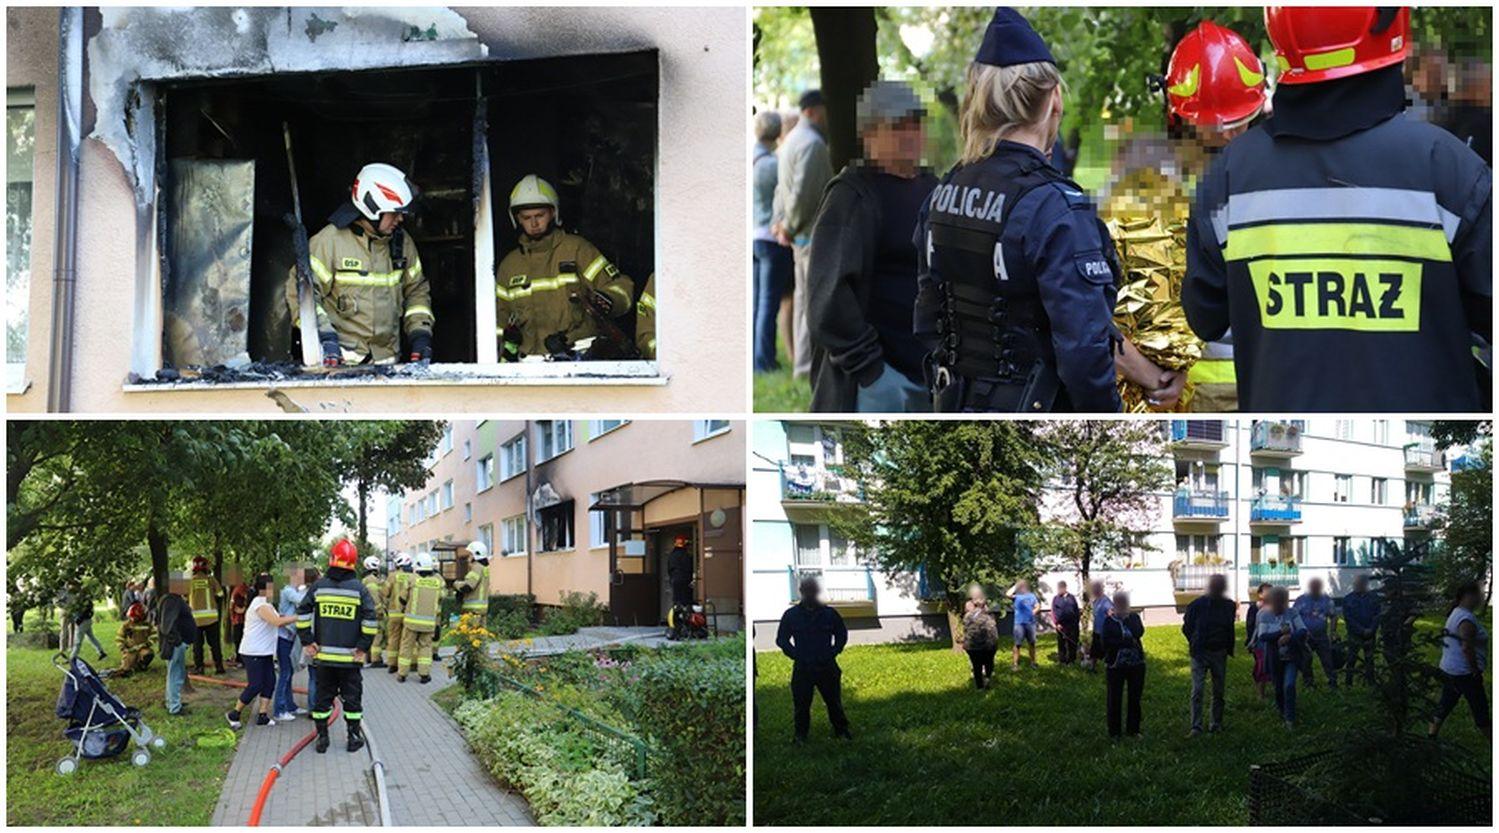 Pożar w bloku w Kutnie. Ewakuowano mieszkańców [ZDJĘCIA] - Zdjęcie główne